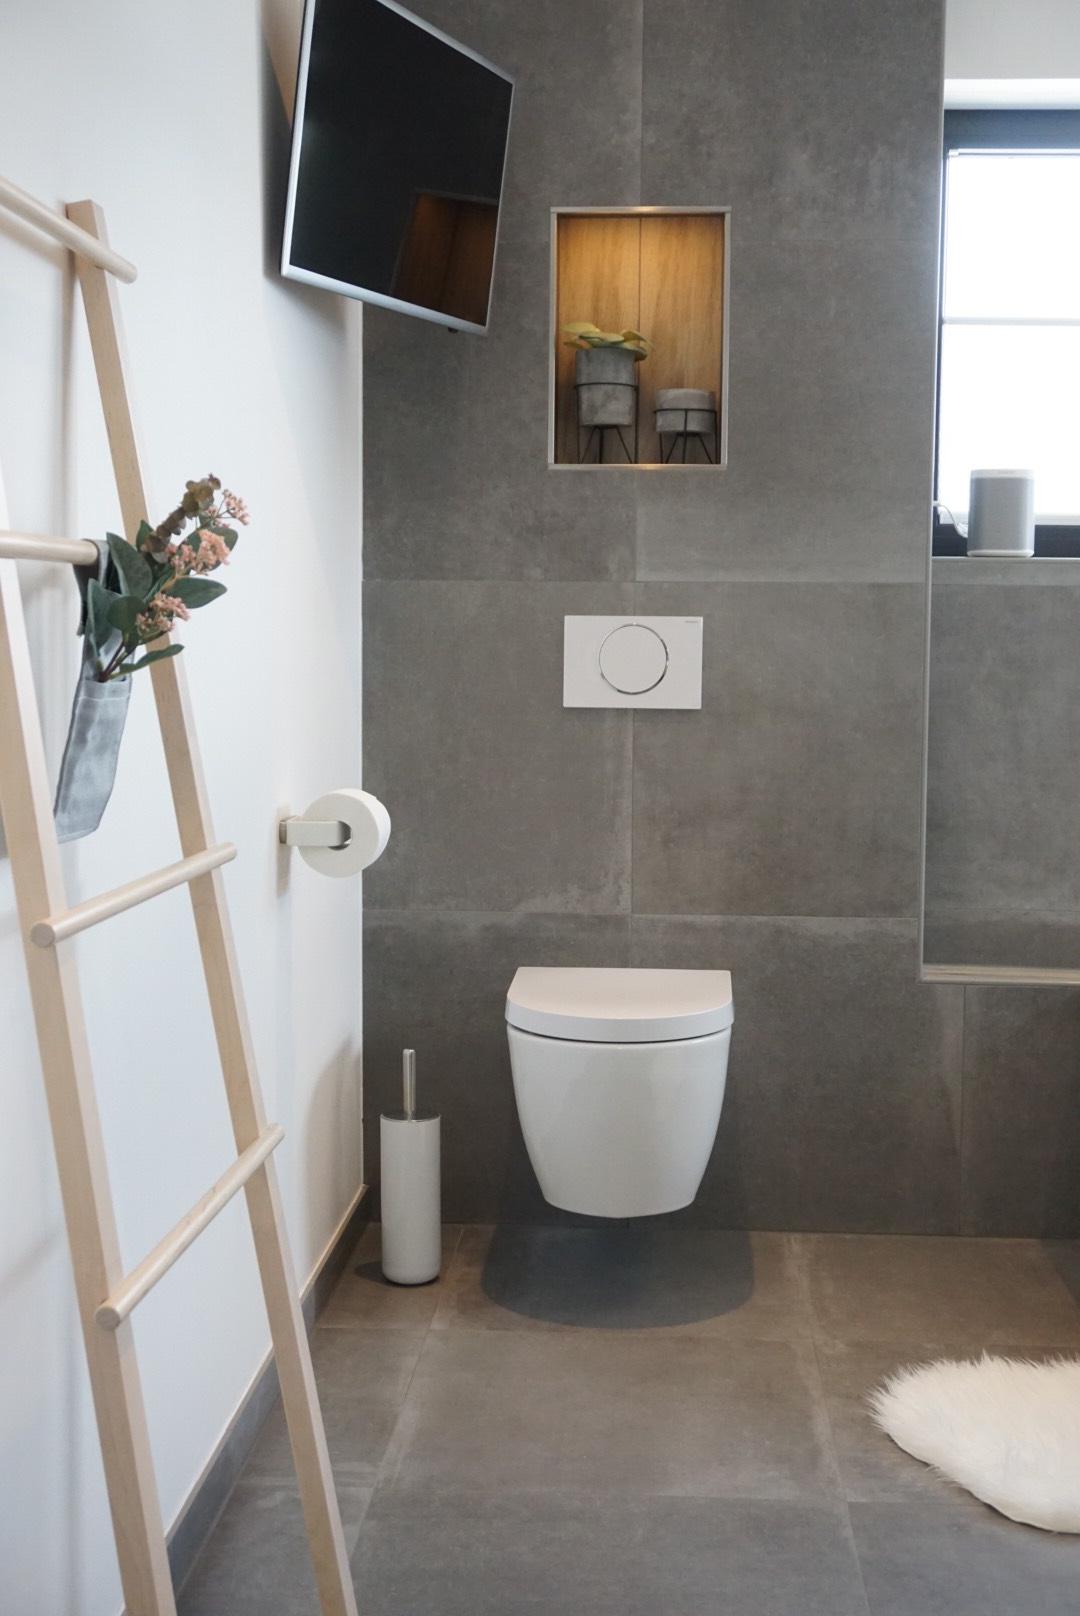 Badezimmer Ideen Von Heike Heikes Homestory Auf Instagram Die